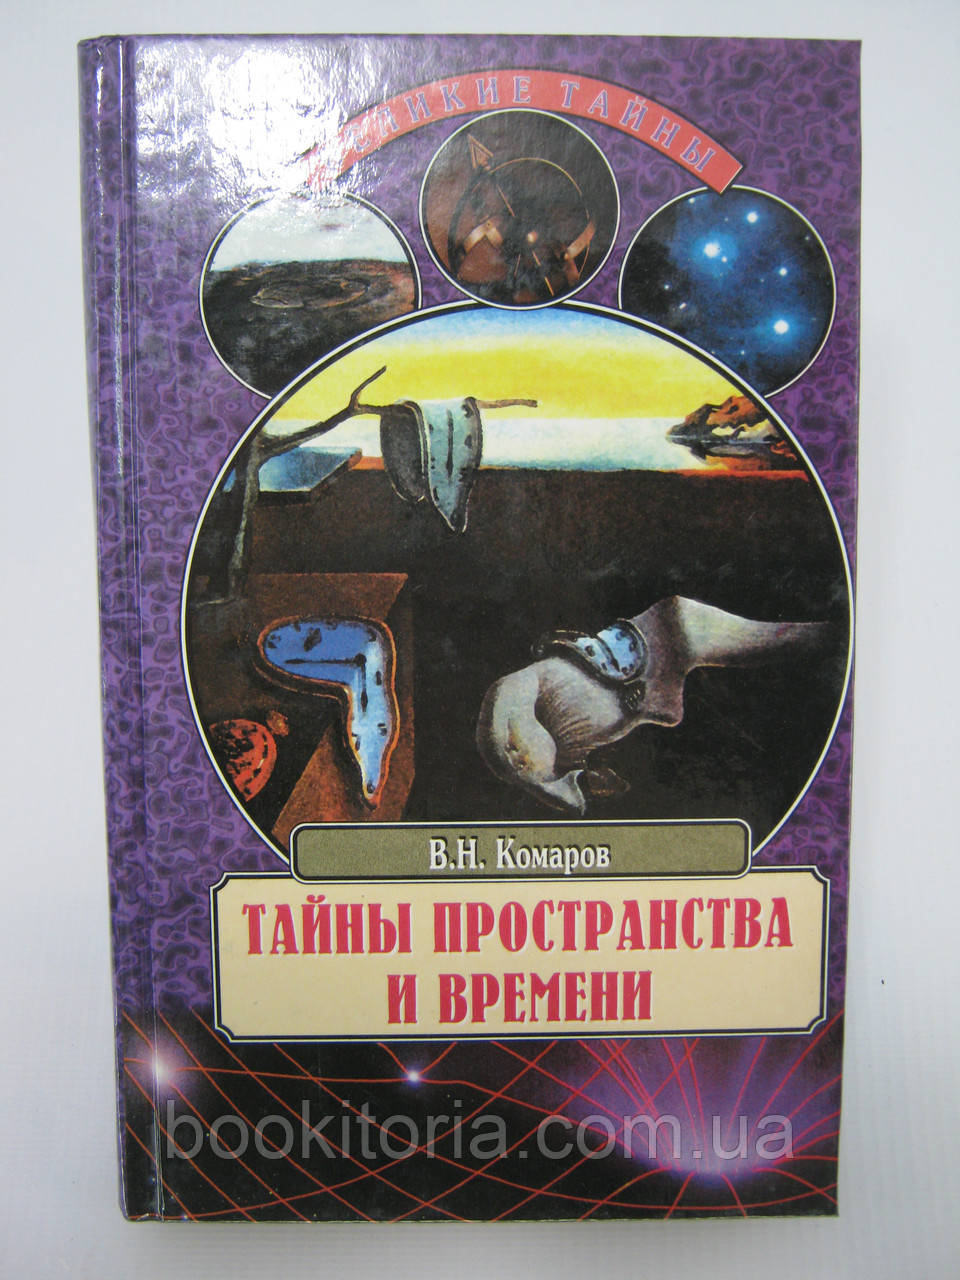 Комаров В.Н. Тайны пространства и времени (б/у).